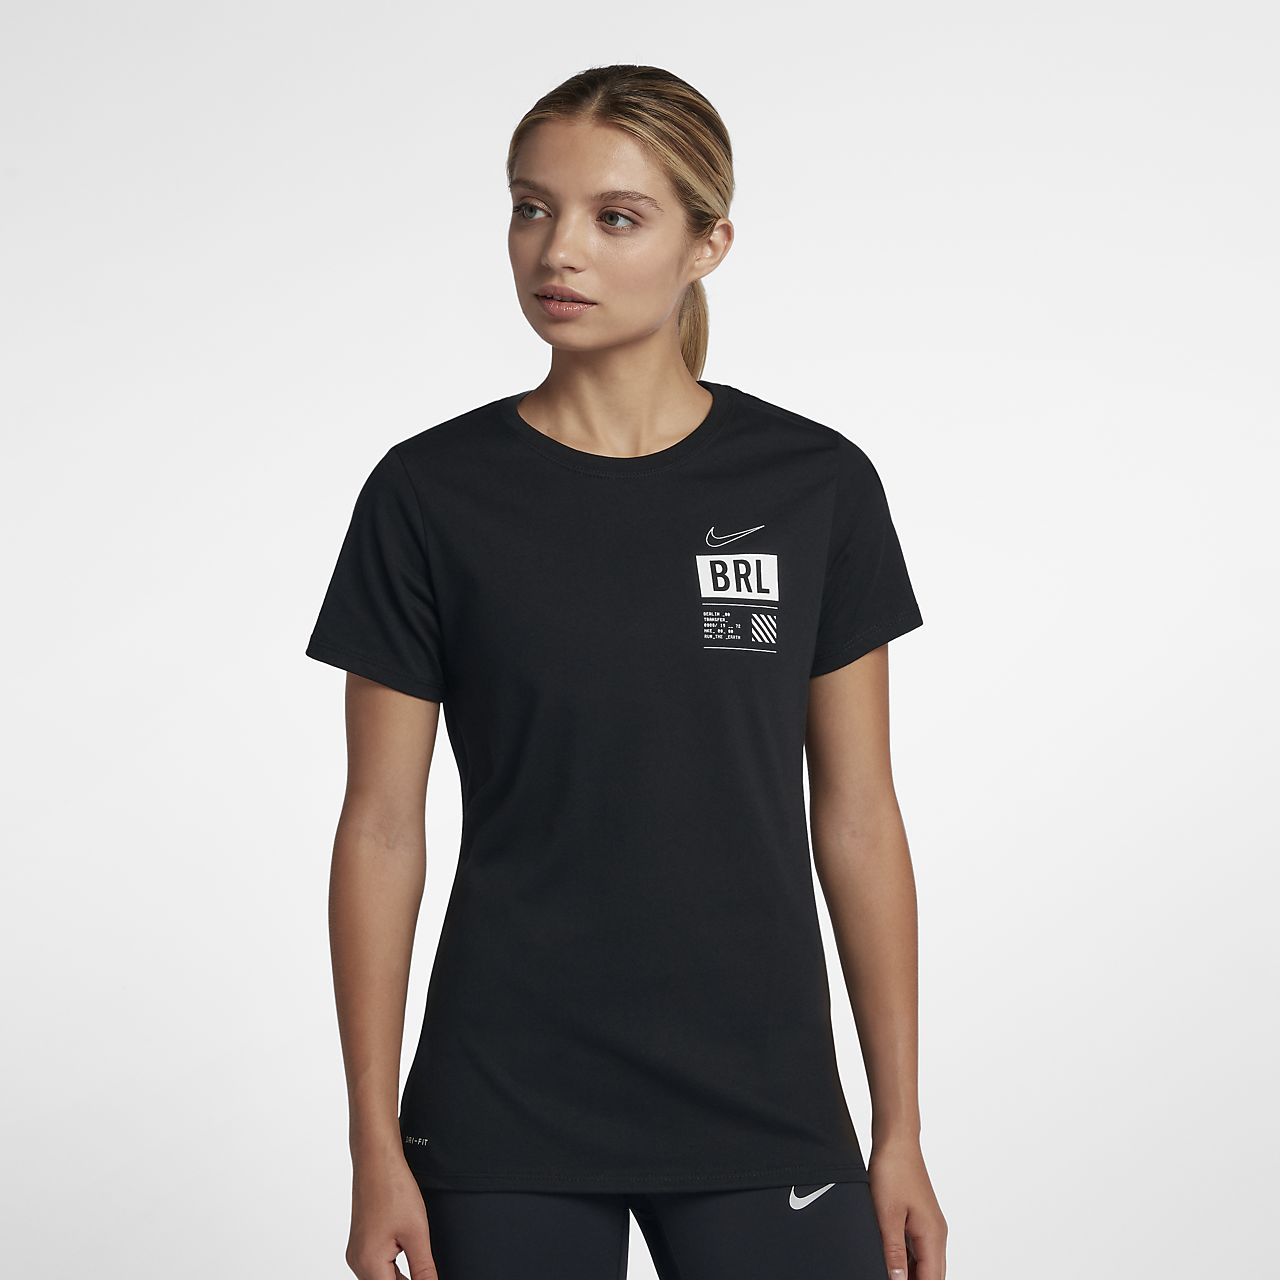 Tee-shirt de running Nike Dri-FIT (Berlin) pour Femme